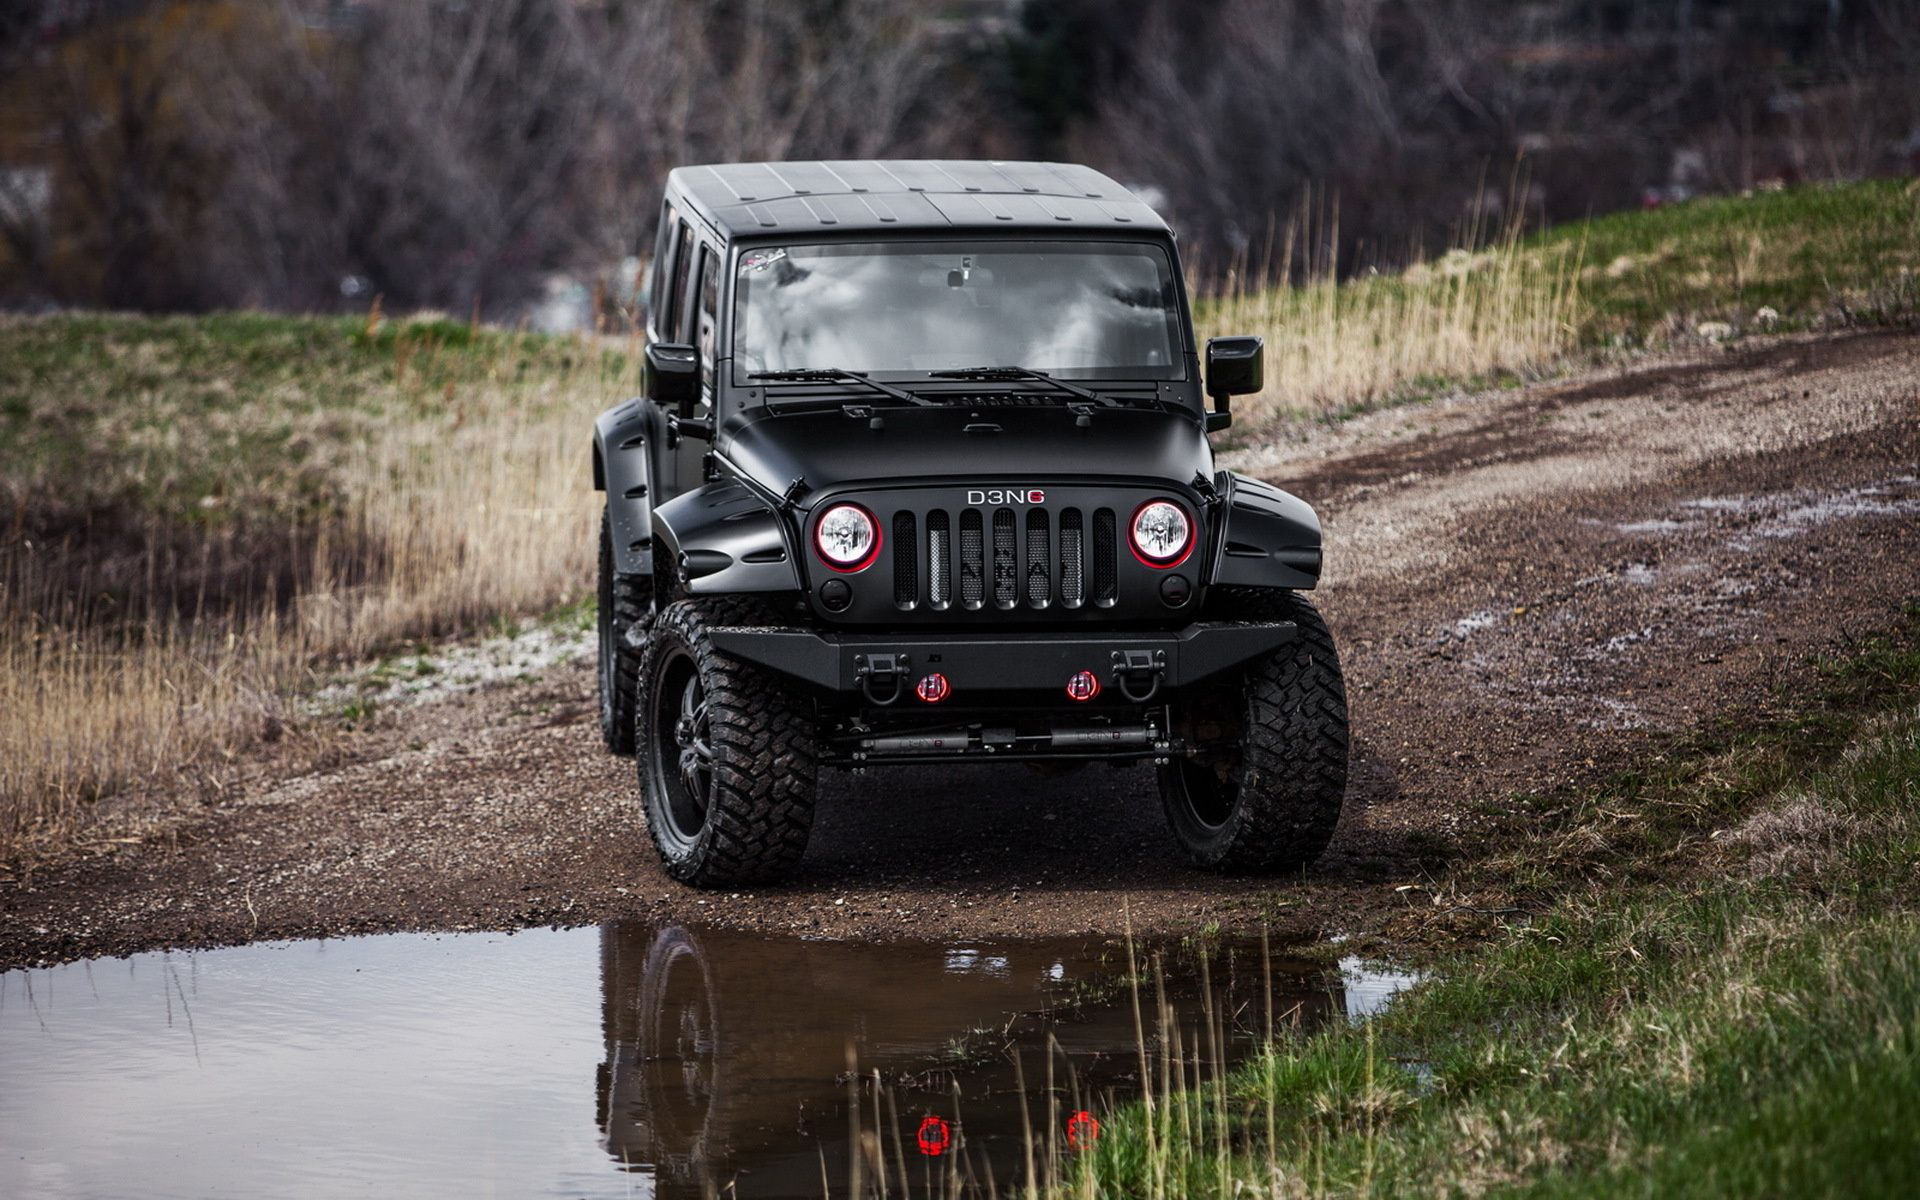 Jeep Black Rubicon Jeep Wallpaper Wrangler Wallpaper Jeep Wrangler Wallpaper